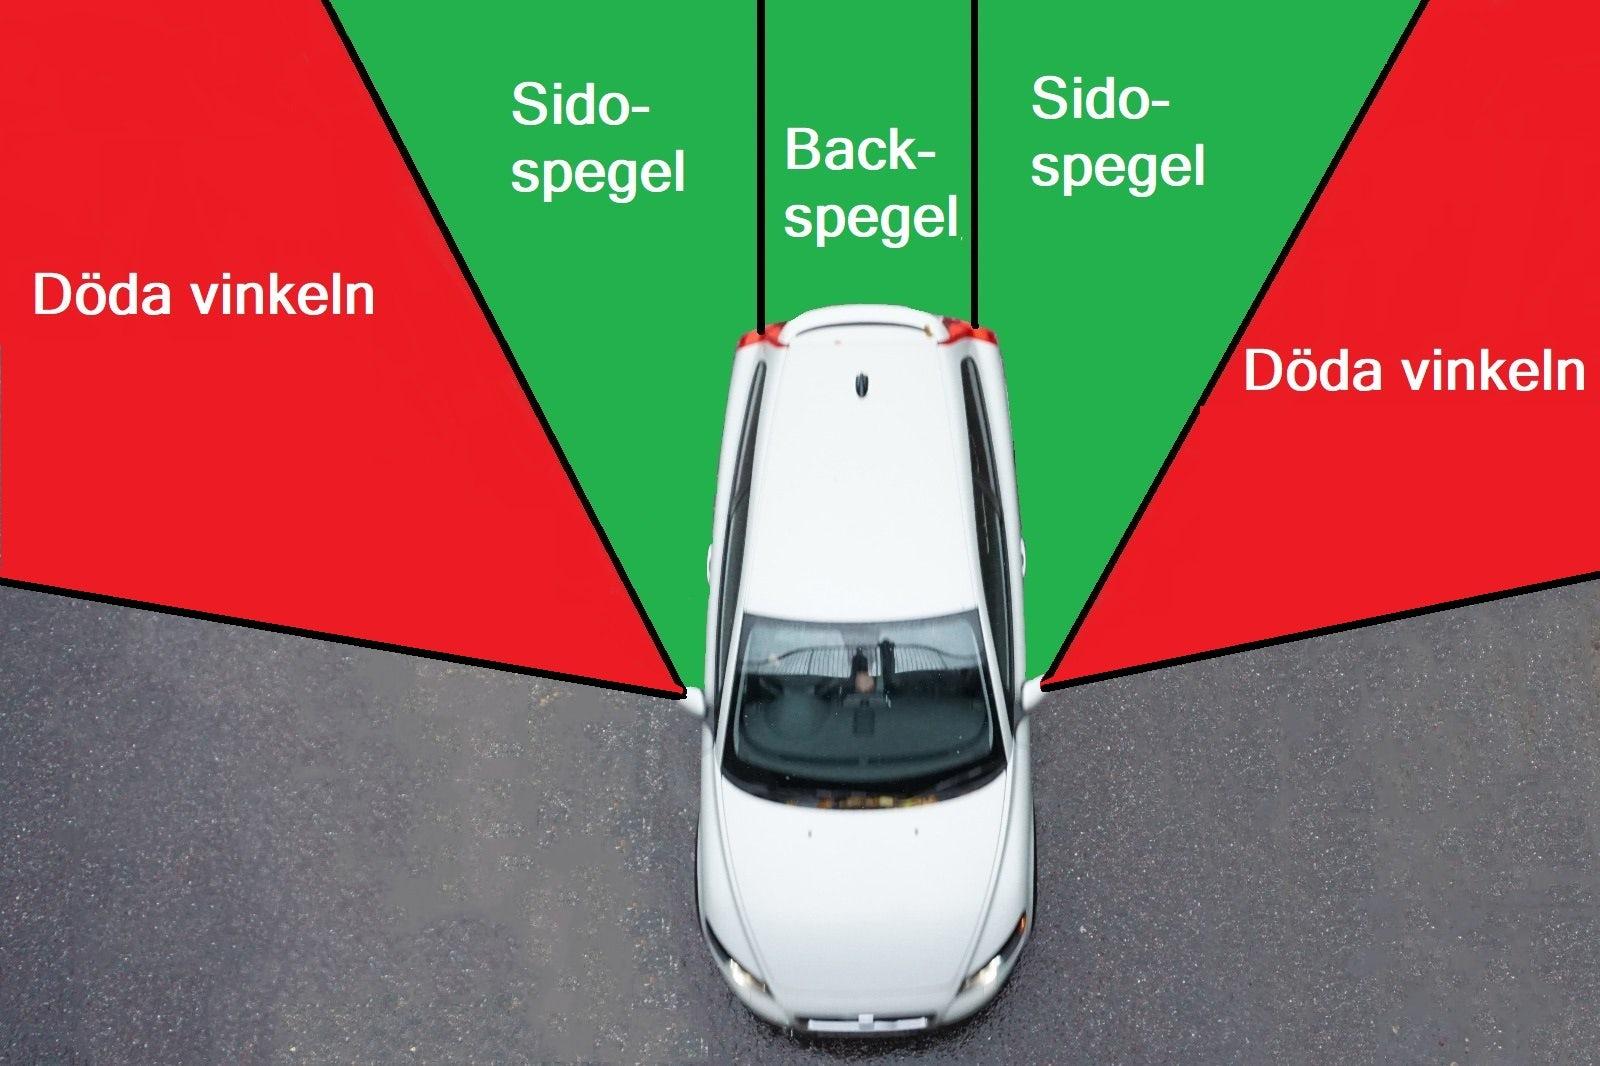 Förklarande bild för vad en förare ser genom speglar samt var döda vinkeln är.